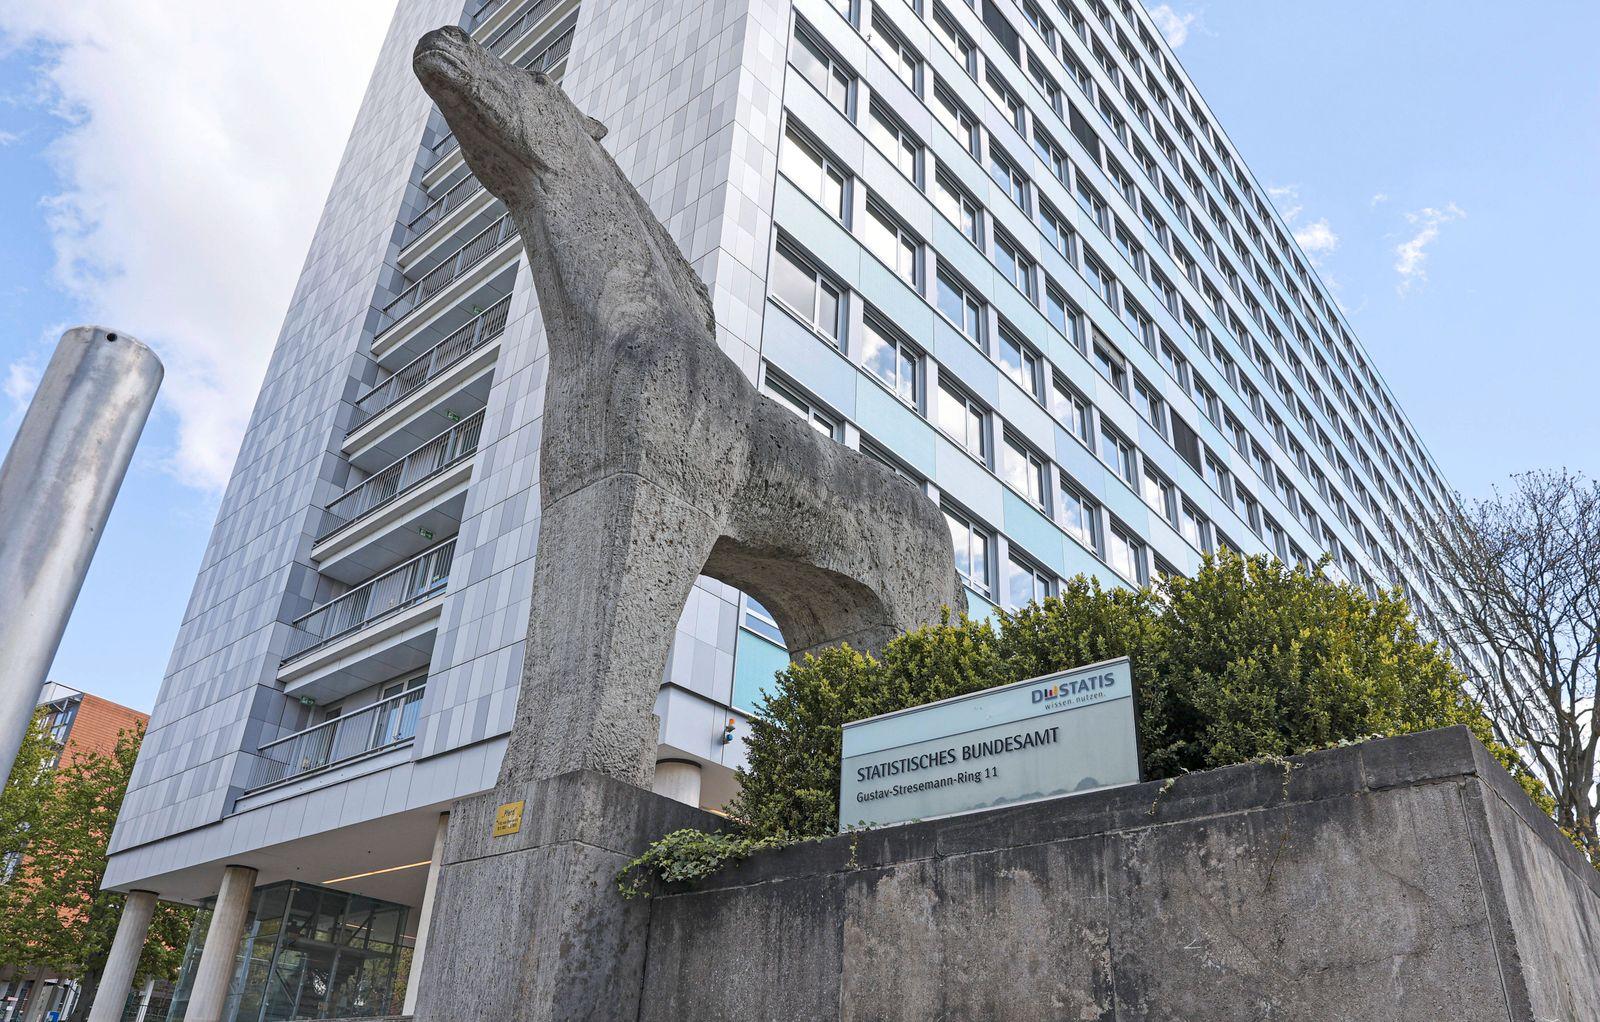 wiloka - Statistisches Bundesamt - 07.05.21, - *** wiloka Federal Statistical Office 07 05 21,